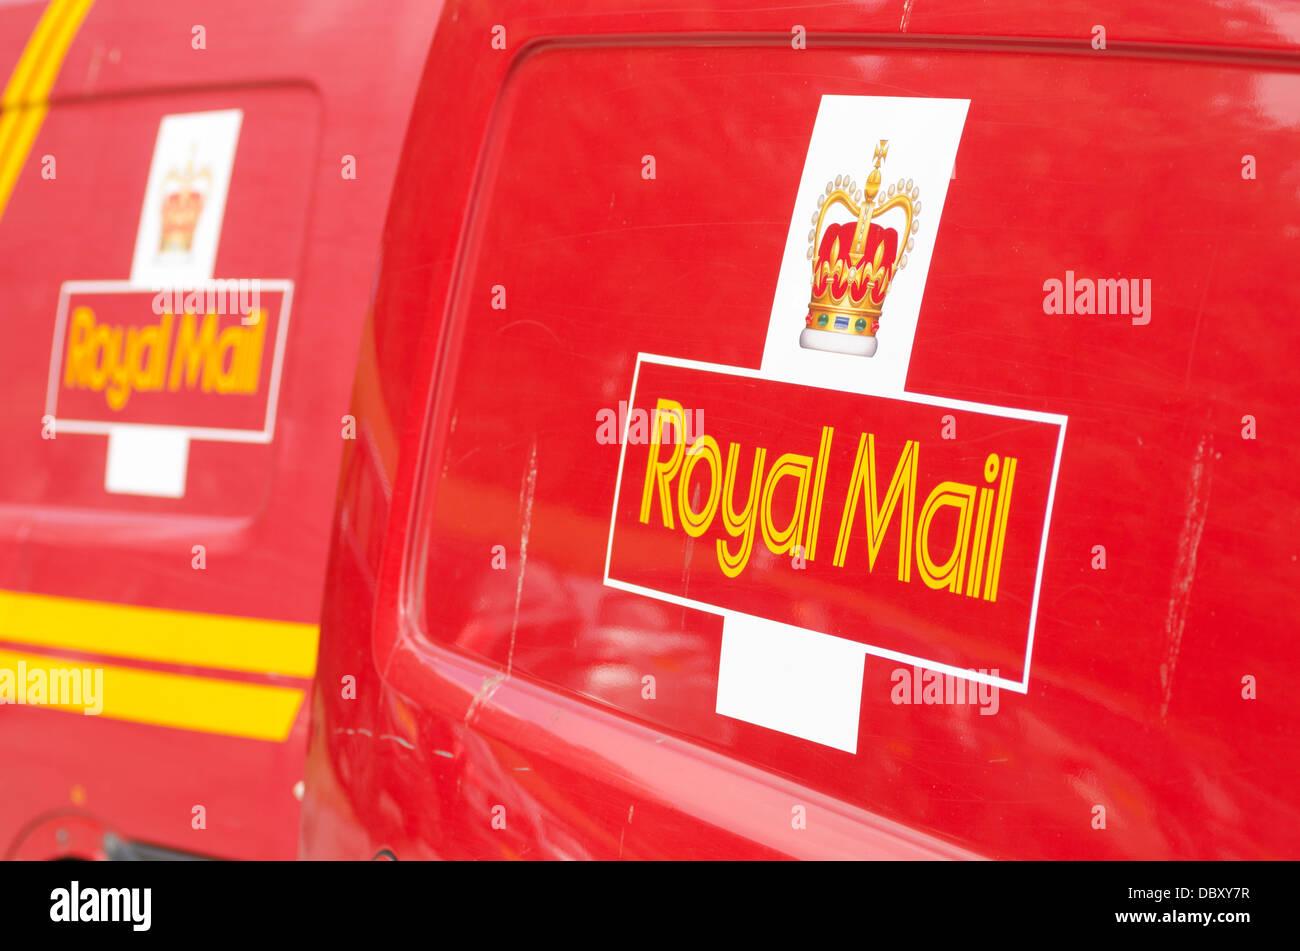 royal mail vans and logo - Stock Image